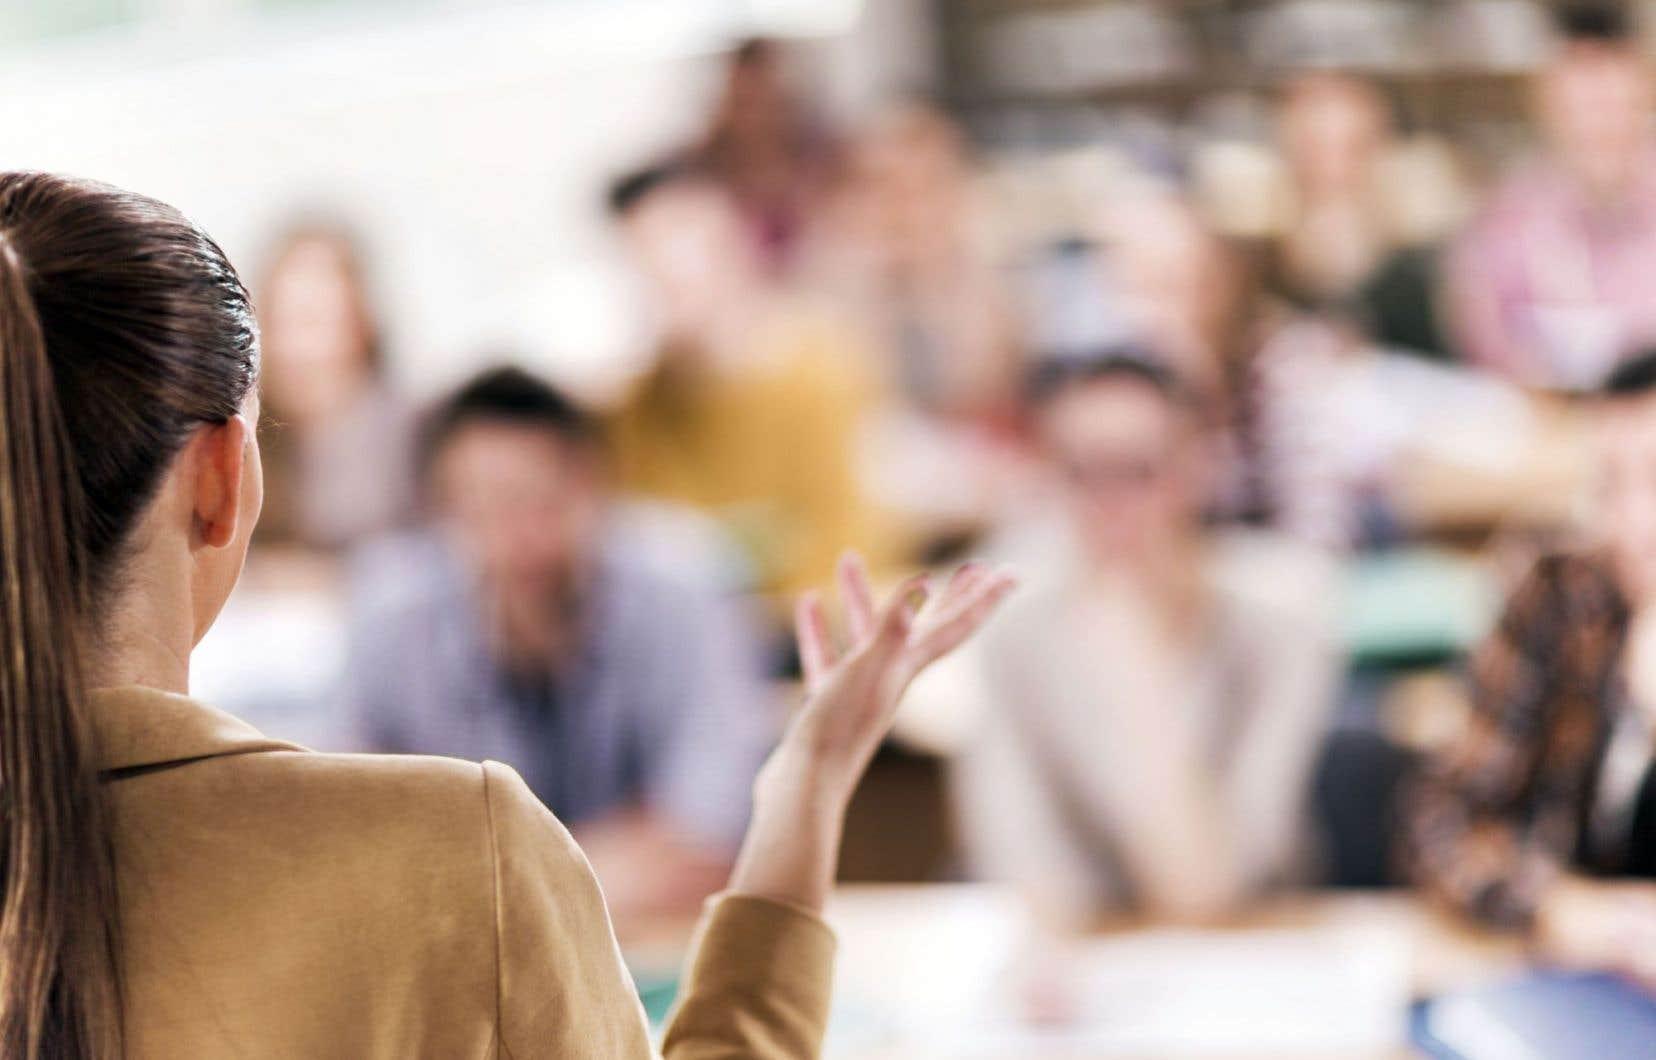 Le congrès est un point de rencontre entre les générations de chercheurs. « Pour plusieurs étudiants de la maîtrise et du doctorat, l'Acfas est une porte d'entrée dans le monde des congrès et des colloques. C'est là qu'ils présentent pour la première fois leurs résultats […]. C'est un excellent exercice de vulgarisation. »